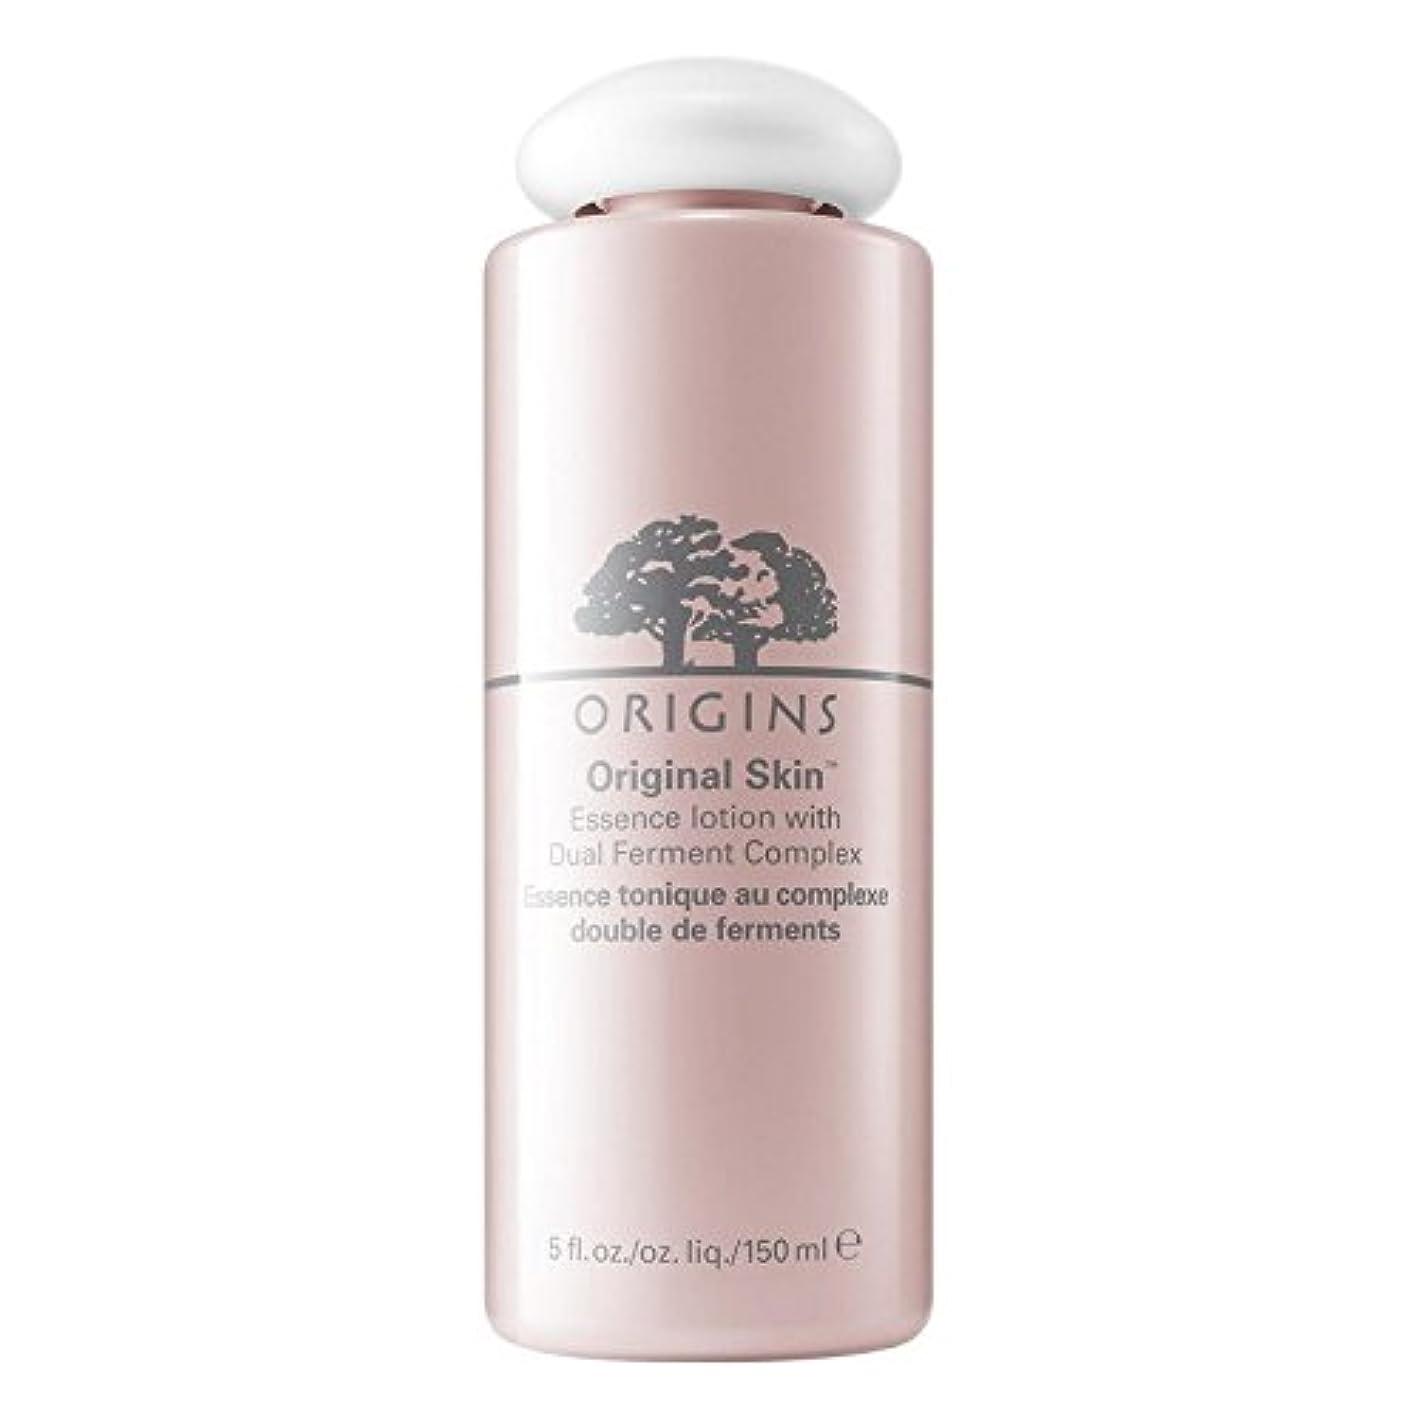 起源オリジナルスキンエッセンスローション150 x4 - Origins Original Skin Essence Lotion 150ml (Pack of 4) [並行輸入品]